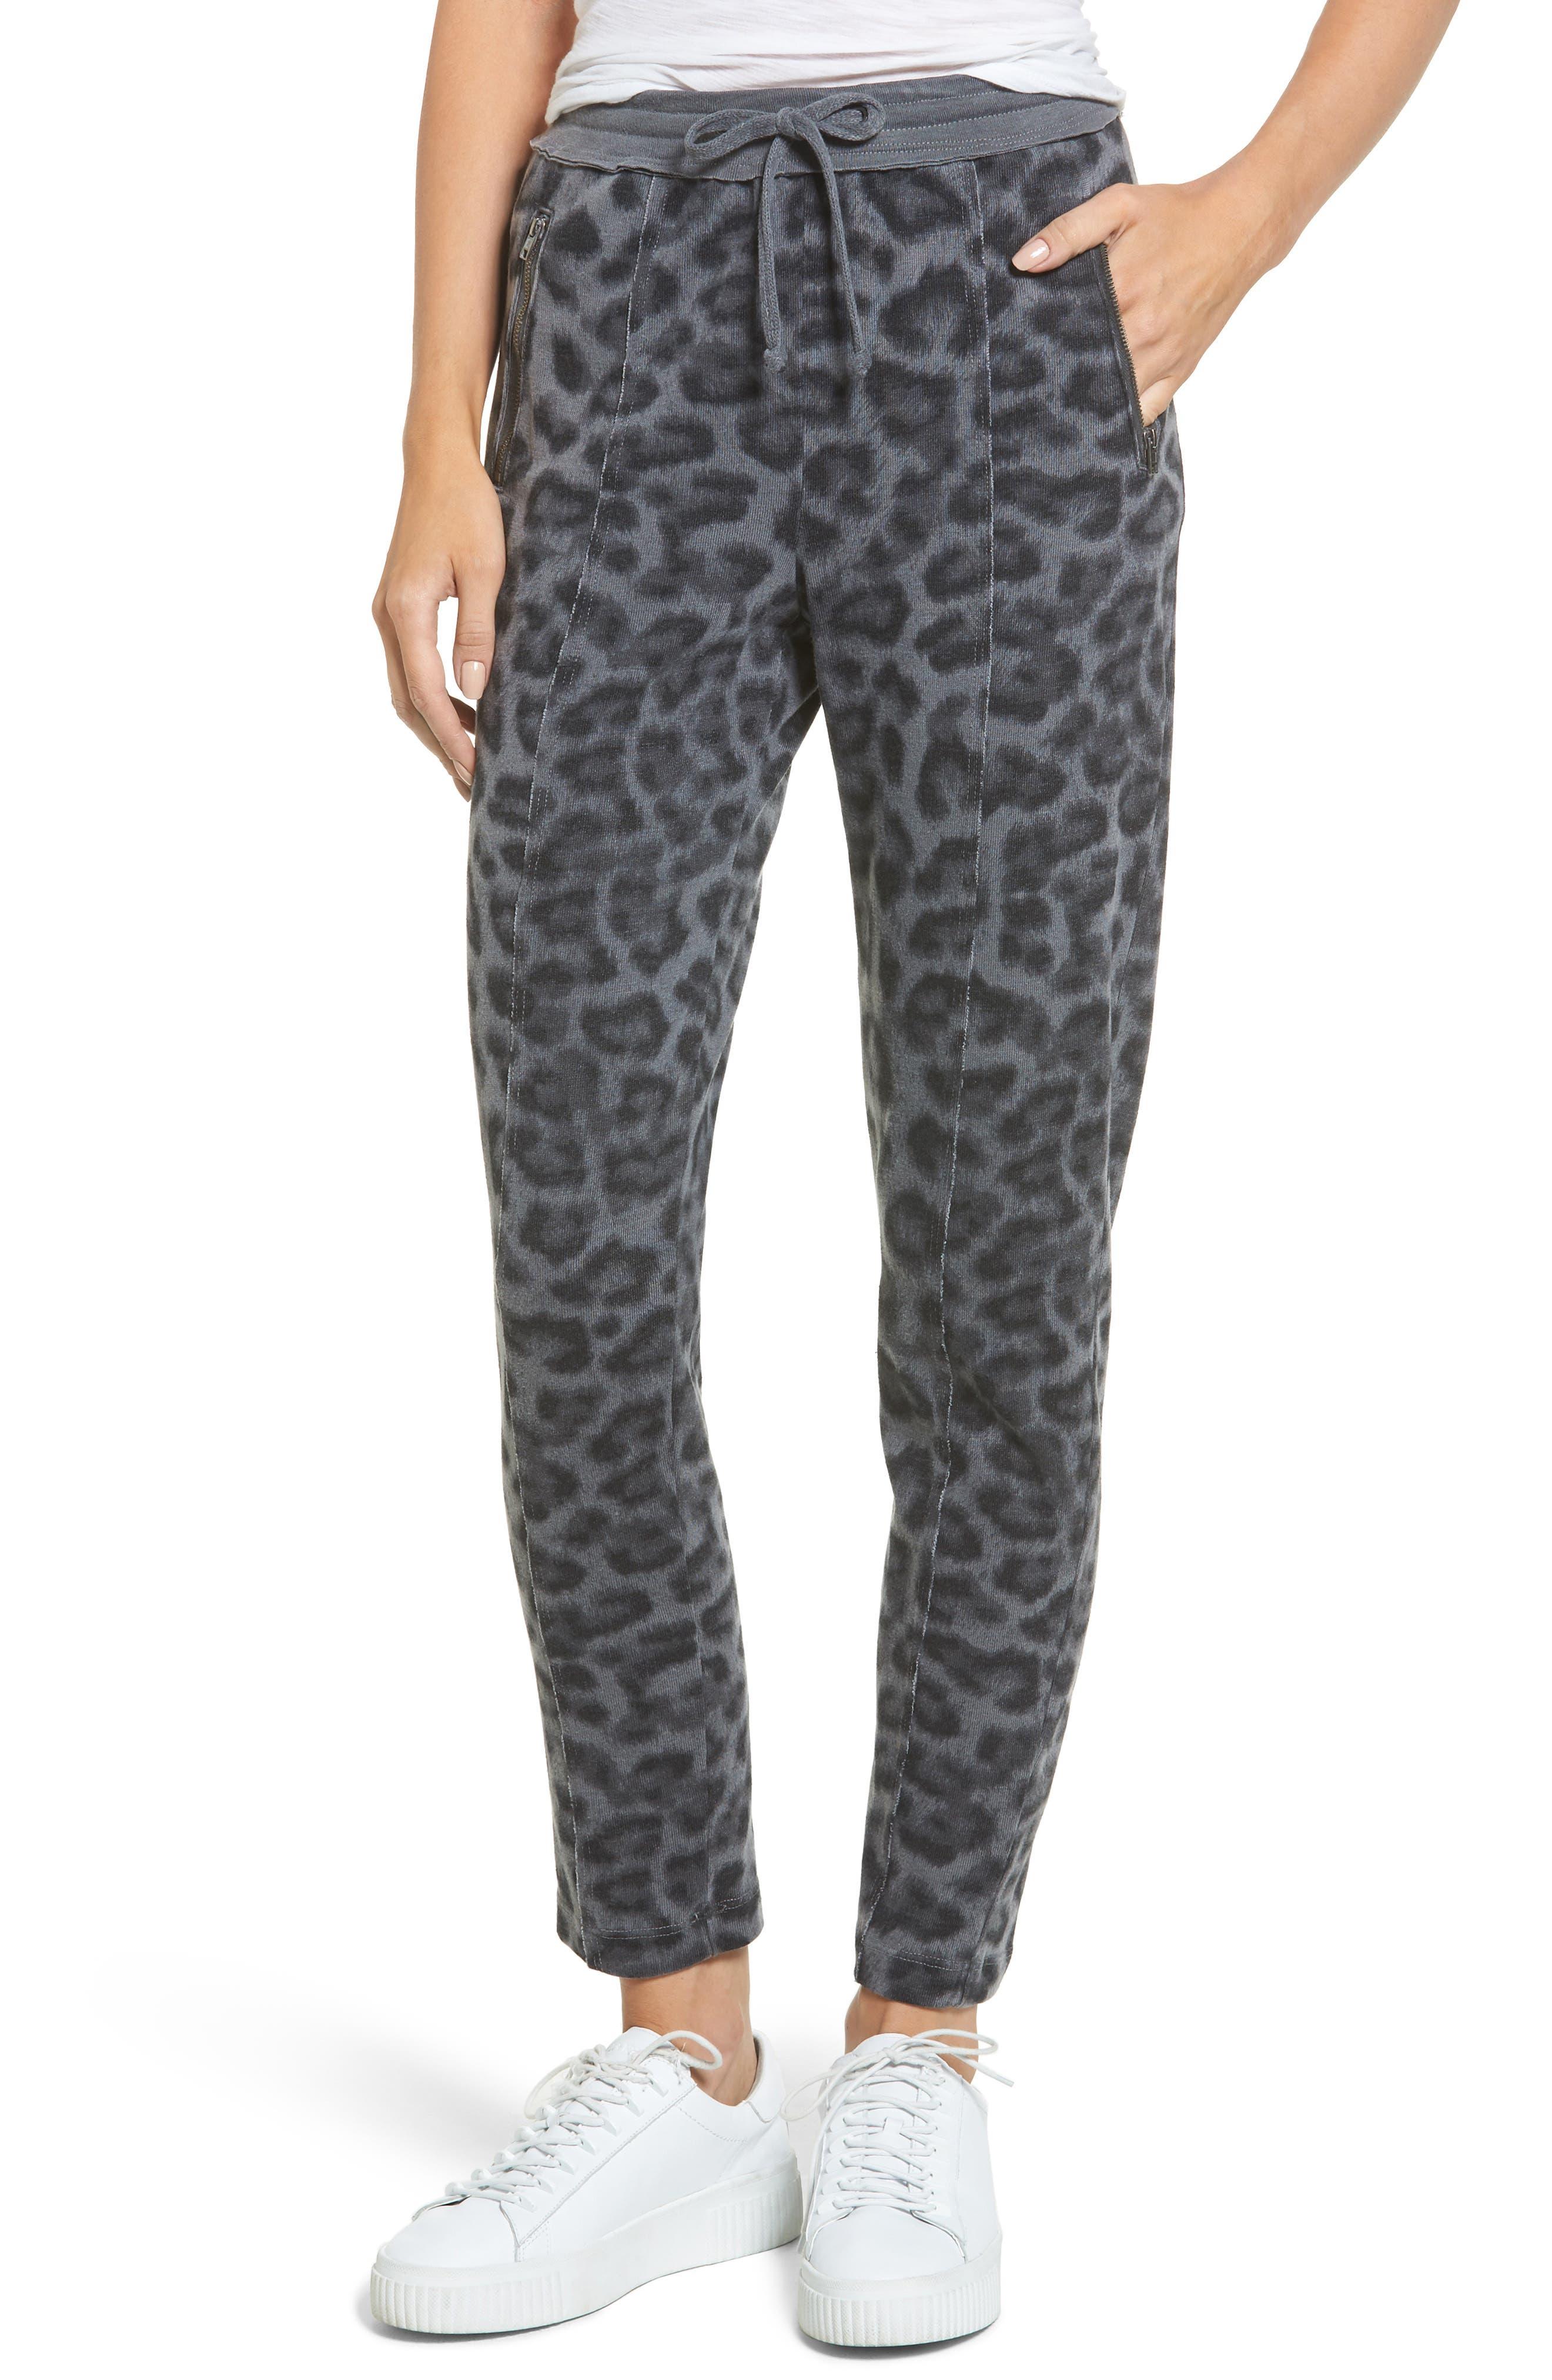 Leopard Print Jogger Pants,                         Main,                         color, Lead